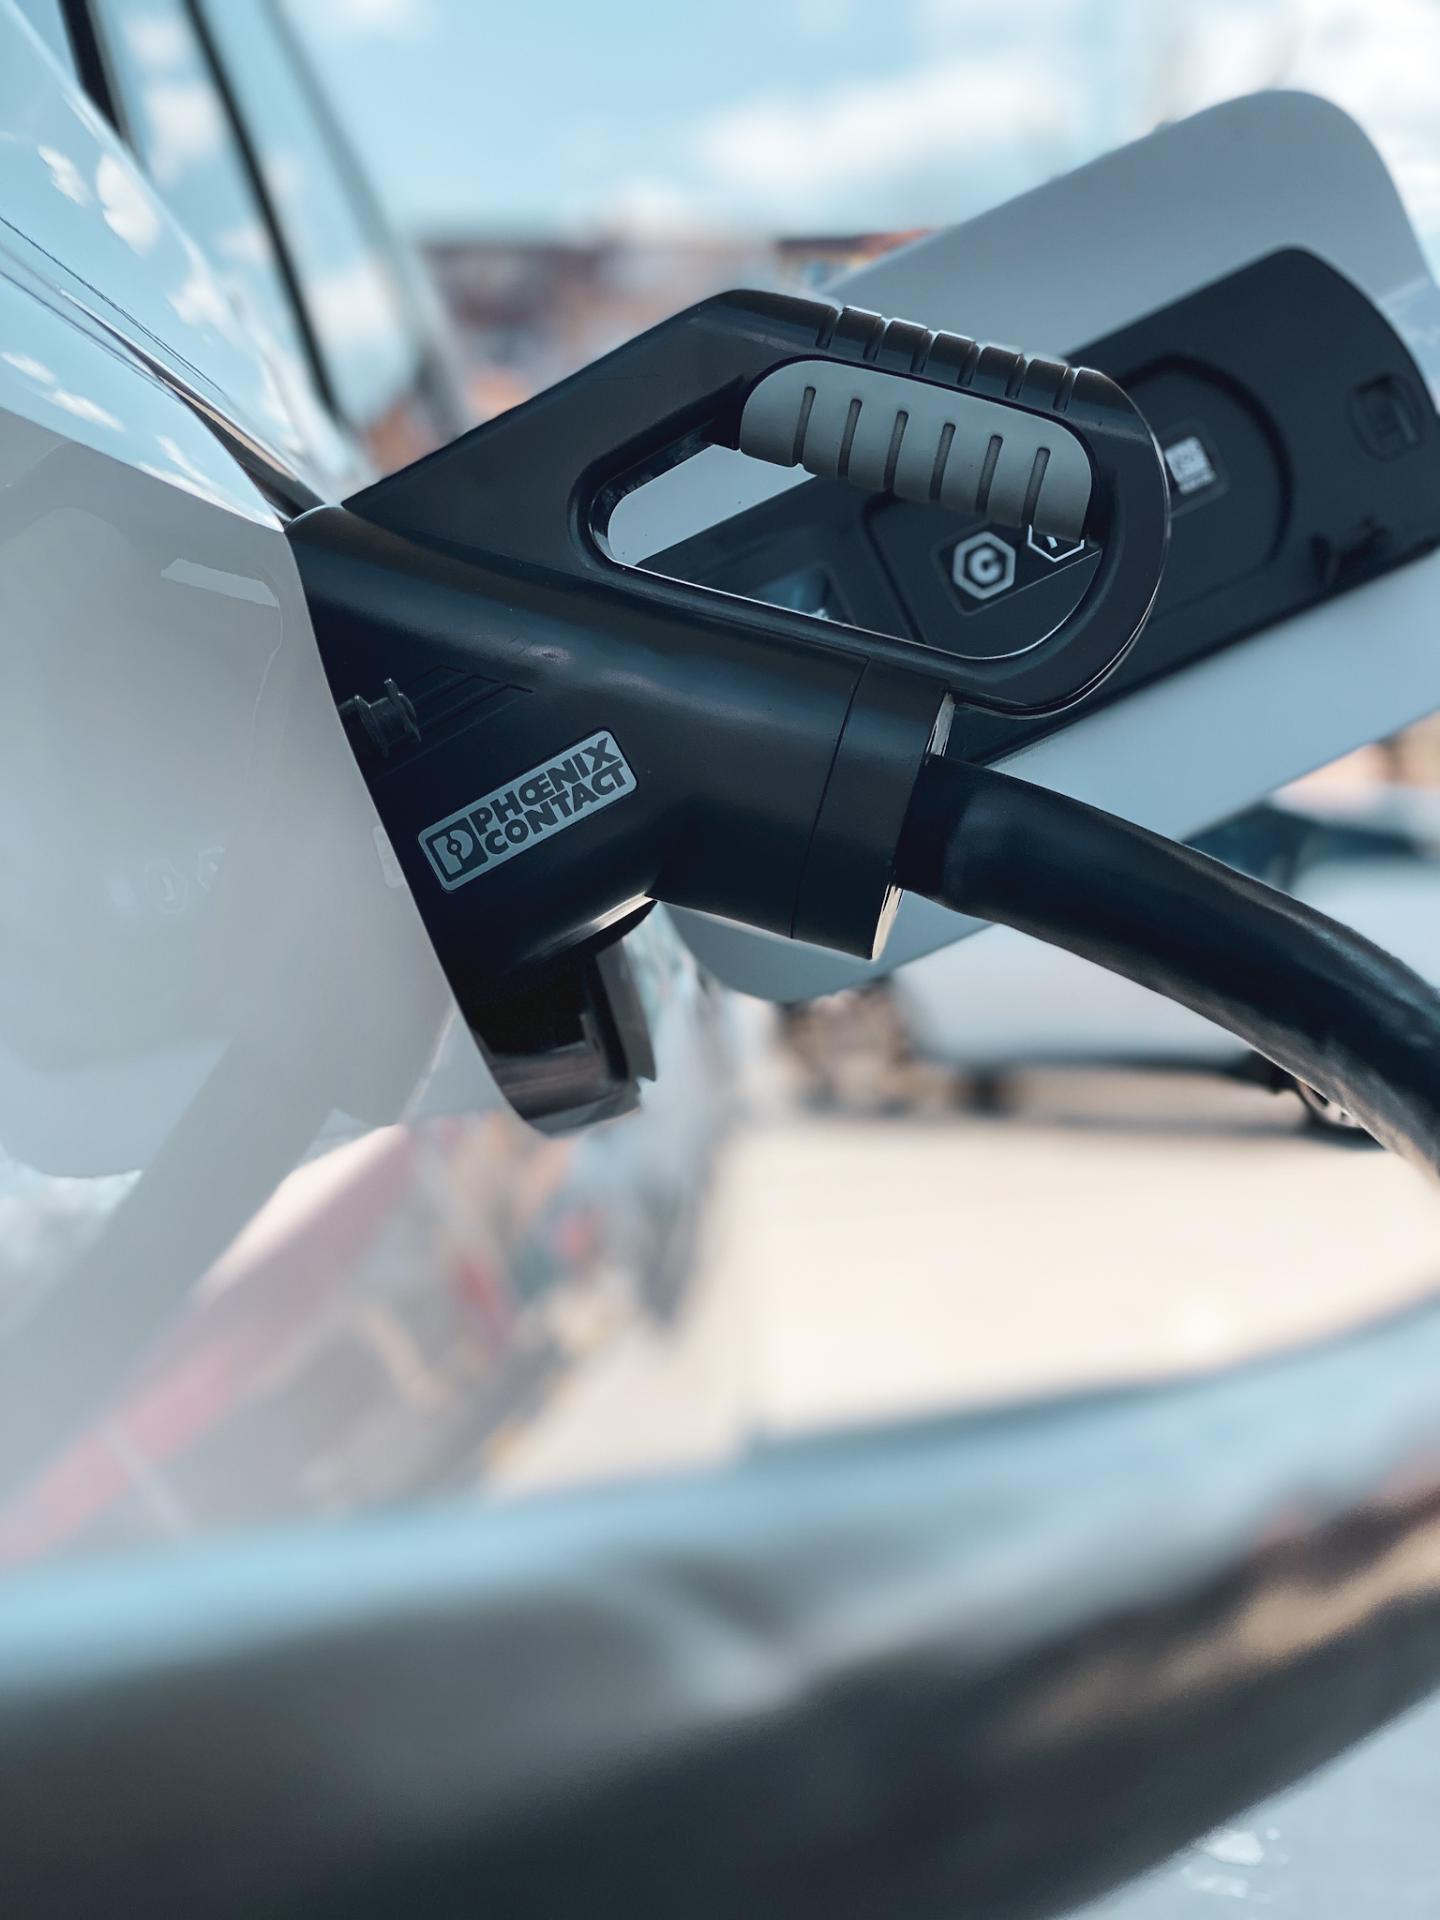 BMW iX3 charging